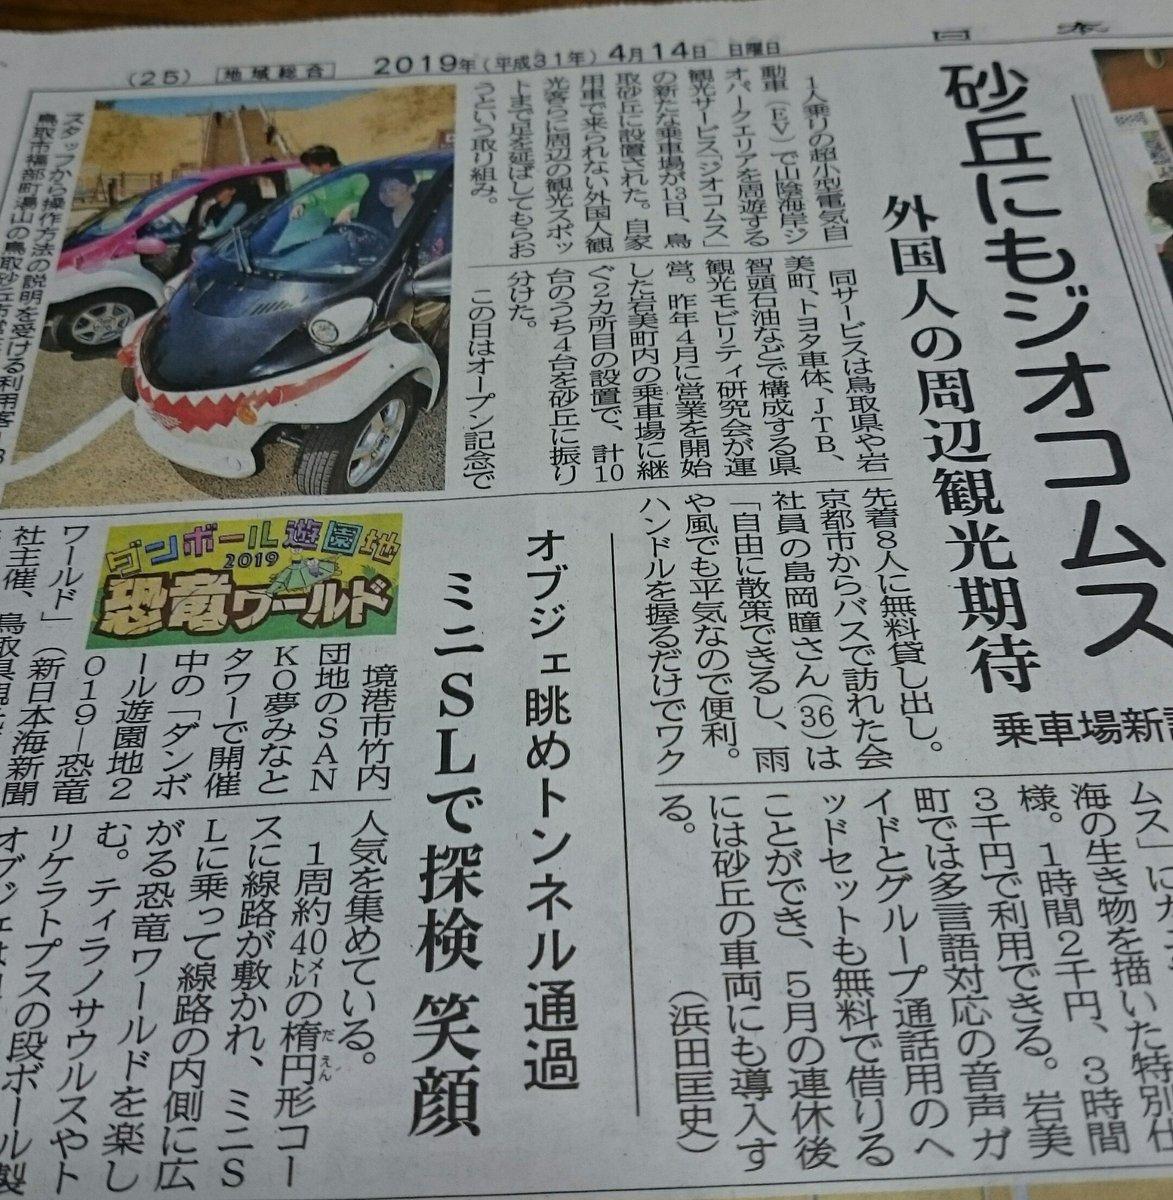 おはようございますf(^_^)今朝の地元紙❗ゲゲゲ☀鳥取市、タクシー業界人手不足❗深夜運行縮小~?八代亜紀さん、米子展PR!県内企業、今年の就職・採用活動「早い者勝ちで苦戦」❗ゲゲゲ☀鳥取砂丘にも、ジオコムスサービス1H-2千円、3H-3千円❗